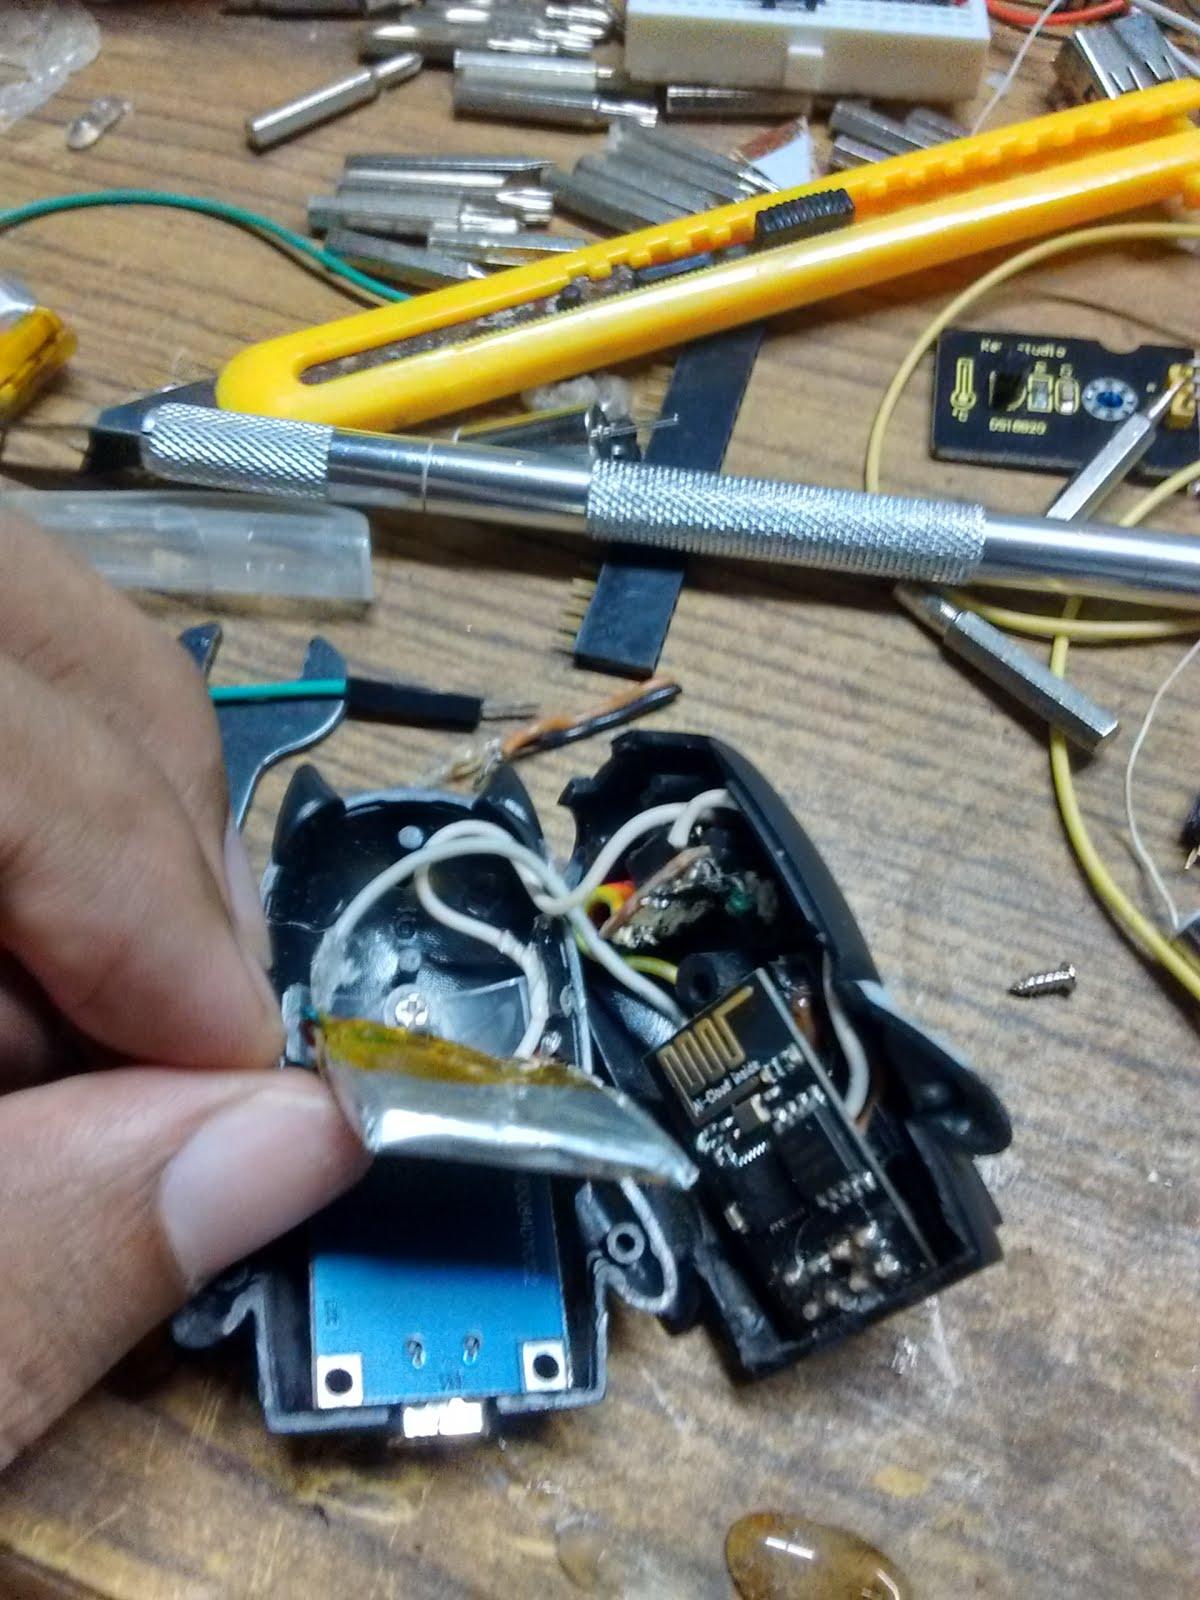 inside keychain